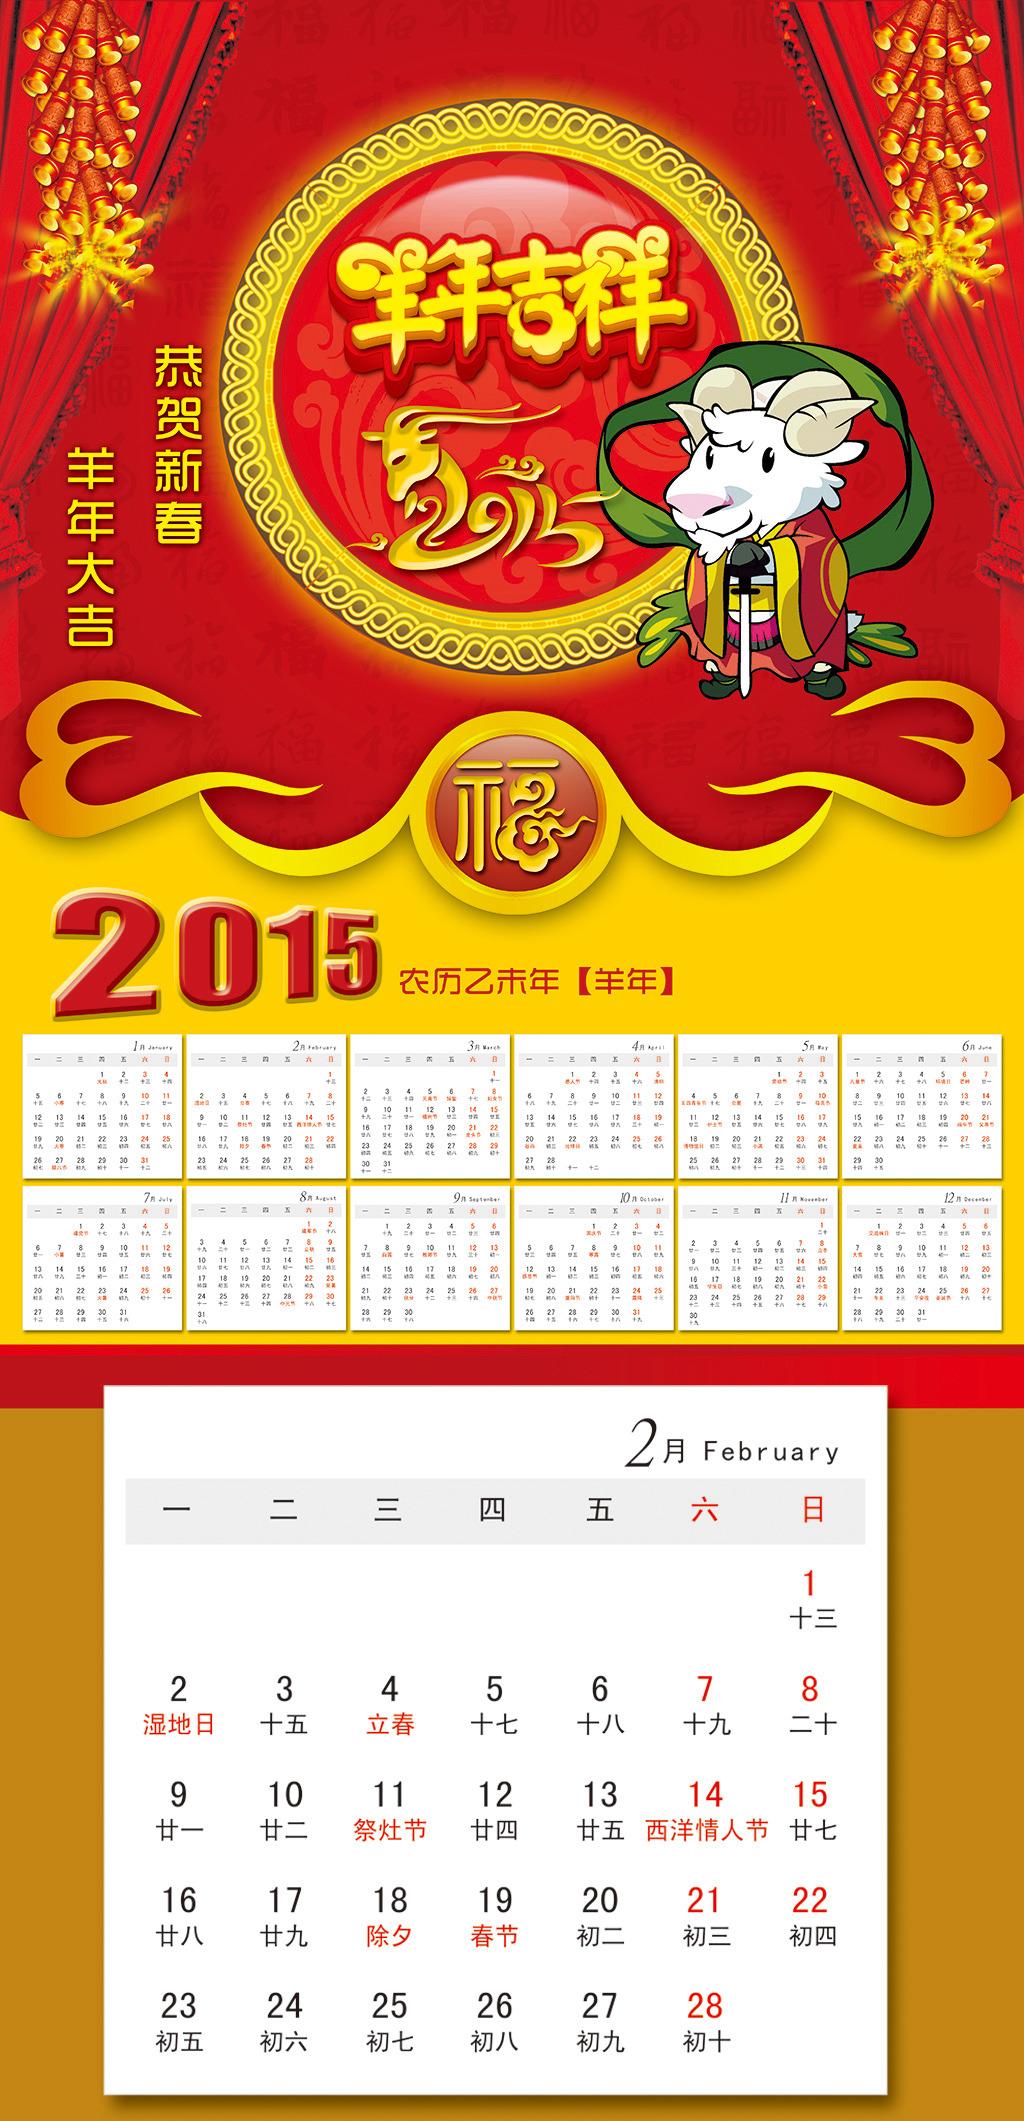 2015红色羊年挂历psd素材图片